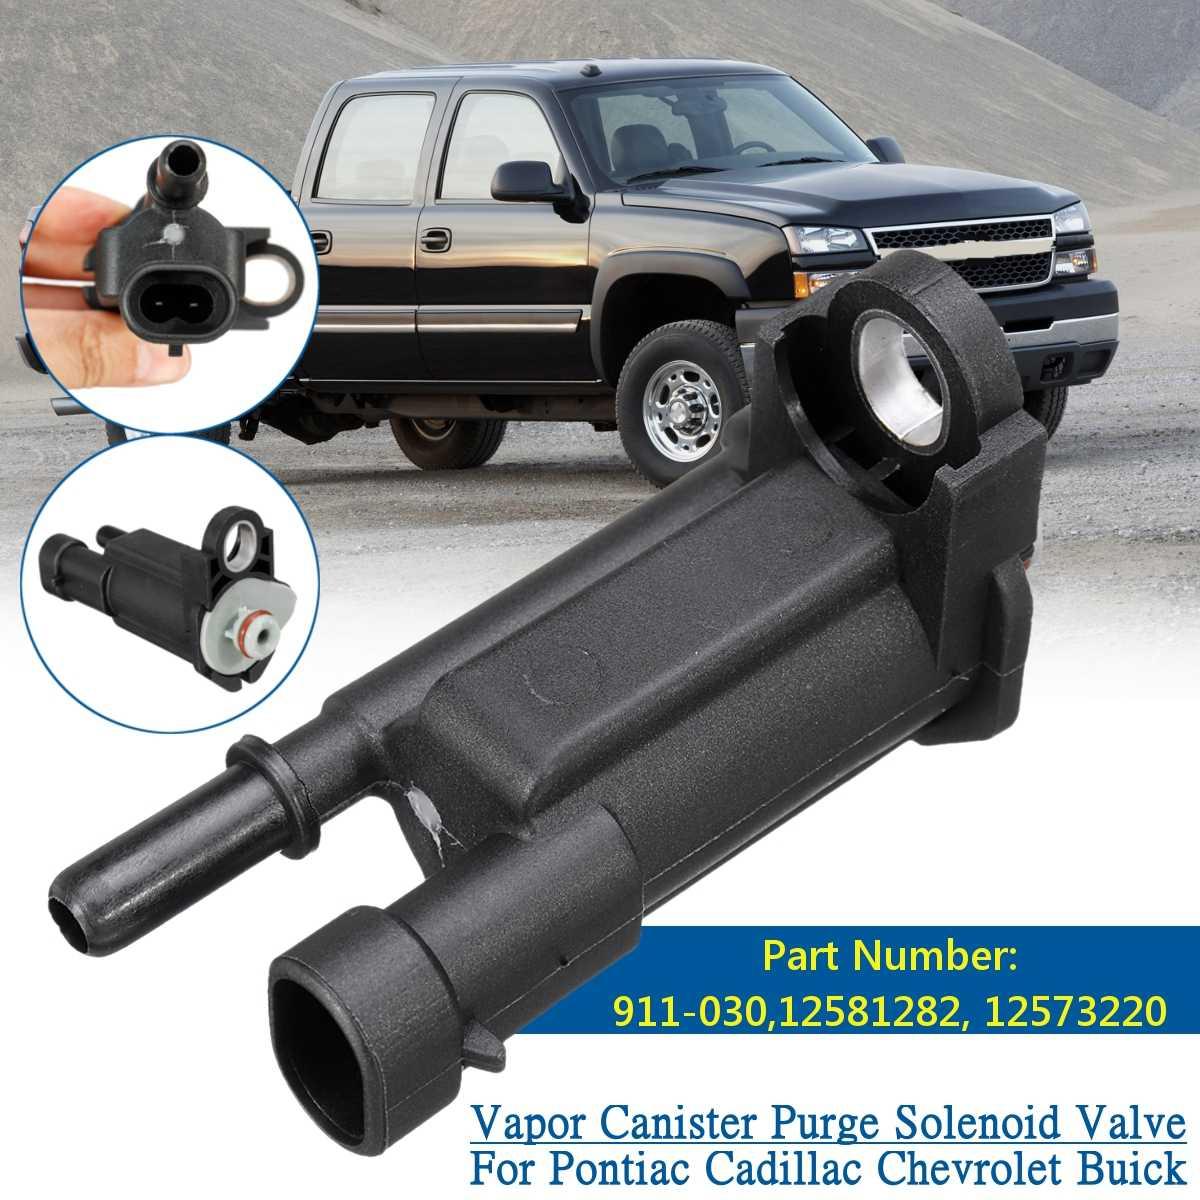 Électrovanne Pontiac pour Cadillac   Pour vapeur cartouche de Purge, électrovanne pour Chevrolet pour Buick #911-030 12581282, 12573220